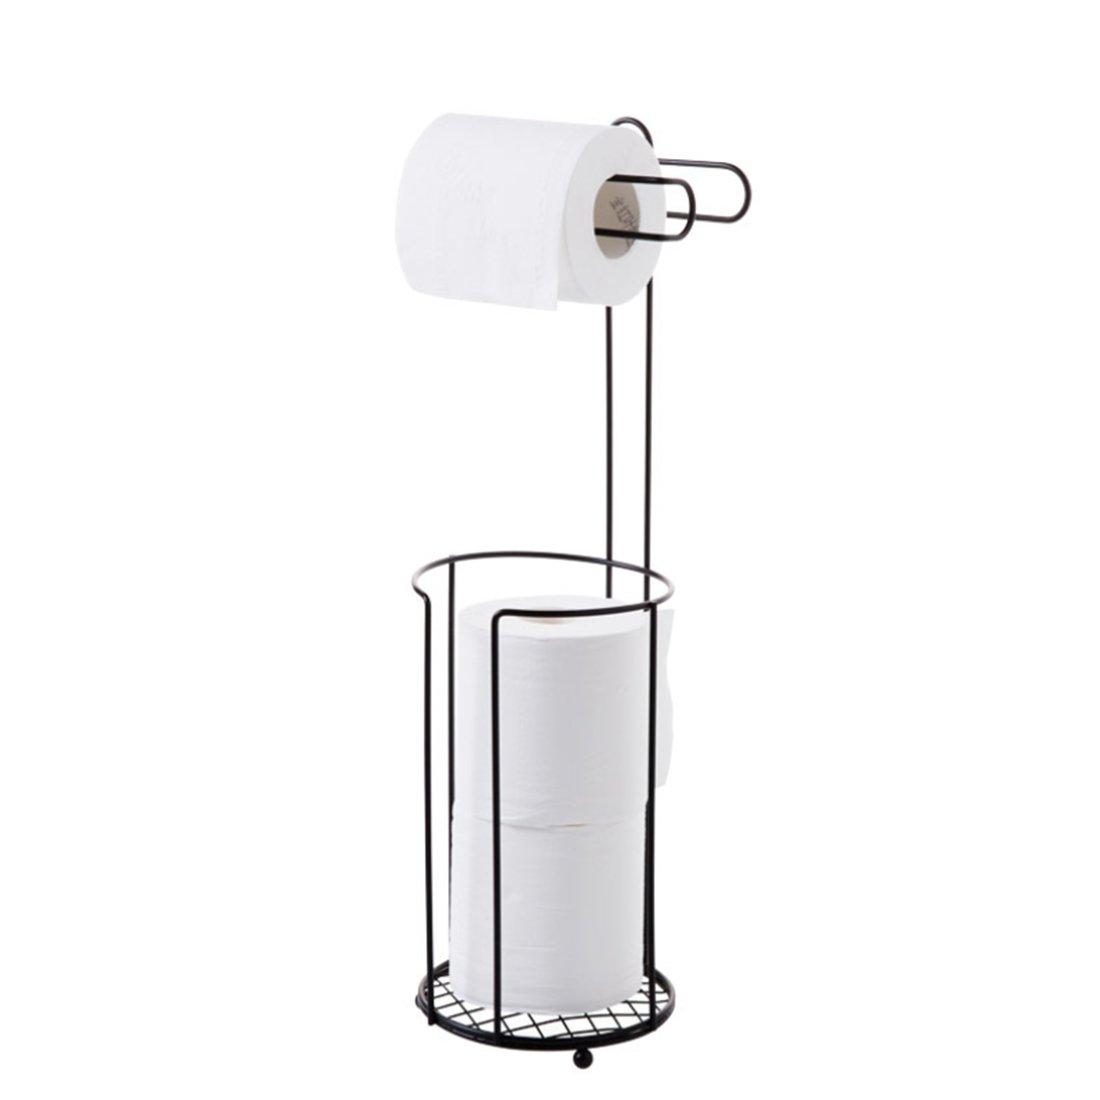 Portarrollos de papel higié nico bañ o rollo rollo de papel portarrollos de pie soporte de hierro Bañ o 2 almacenamiento de papel Luwu-Store